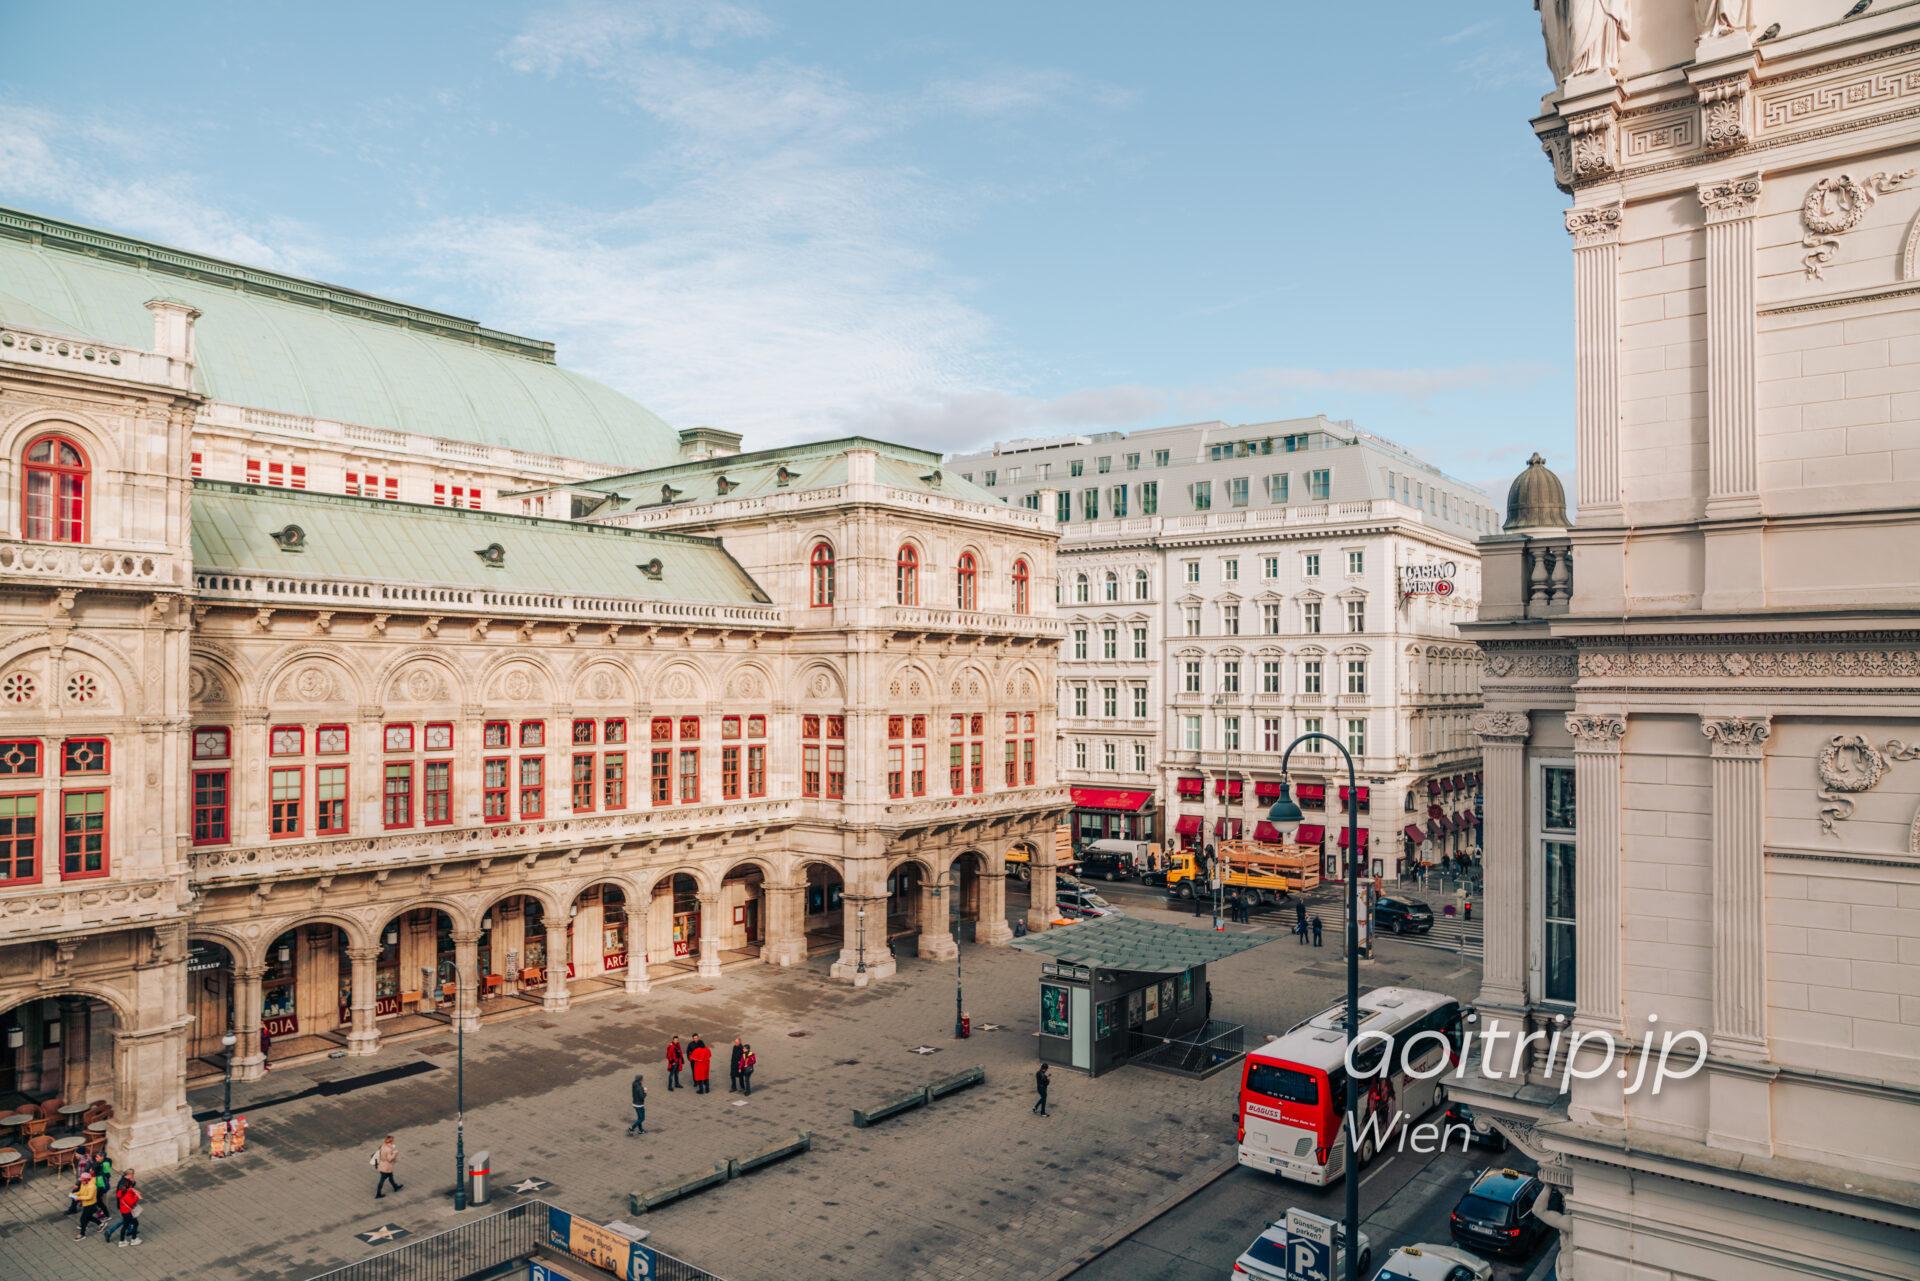 ザブリストルウィーン オペラスイートから望むウィーン国立歌劇場